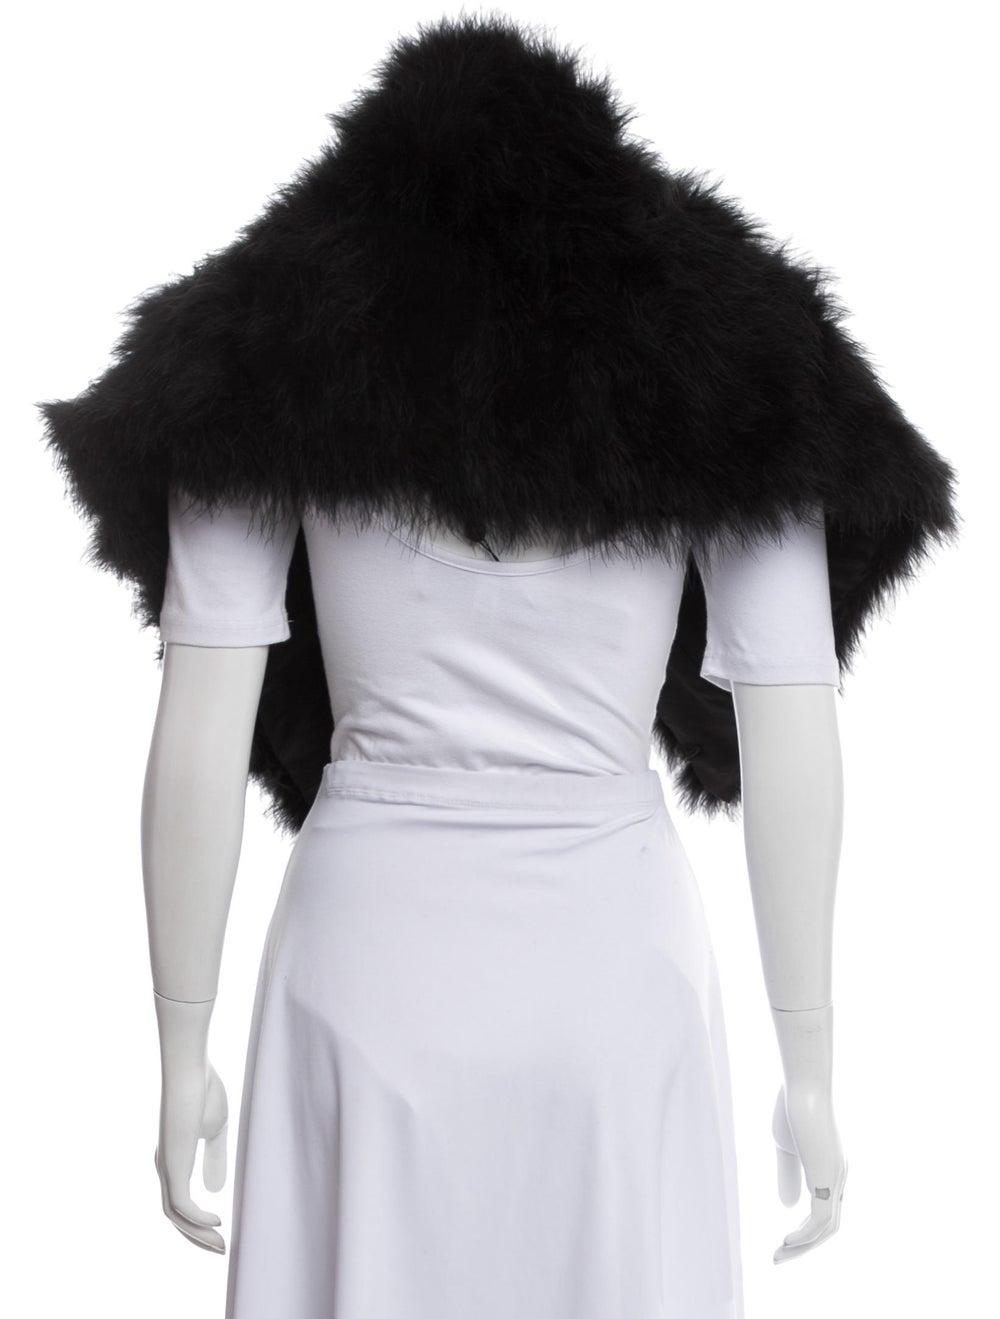 Annabelle Marabou Feather Shrug Black - image 3